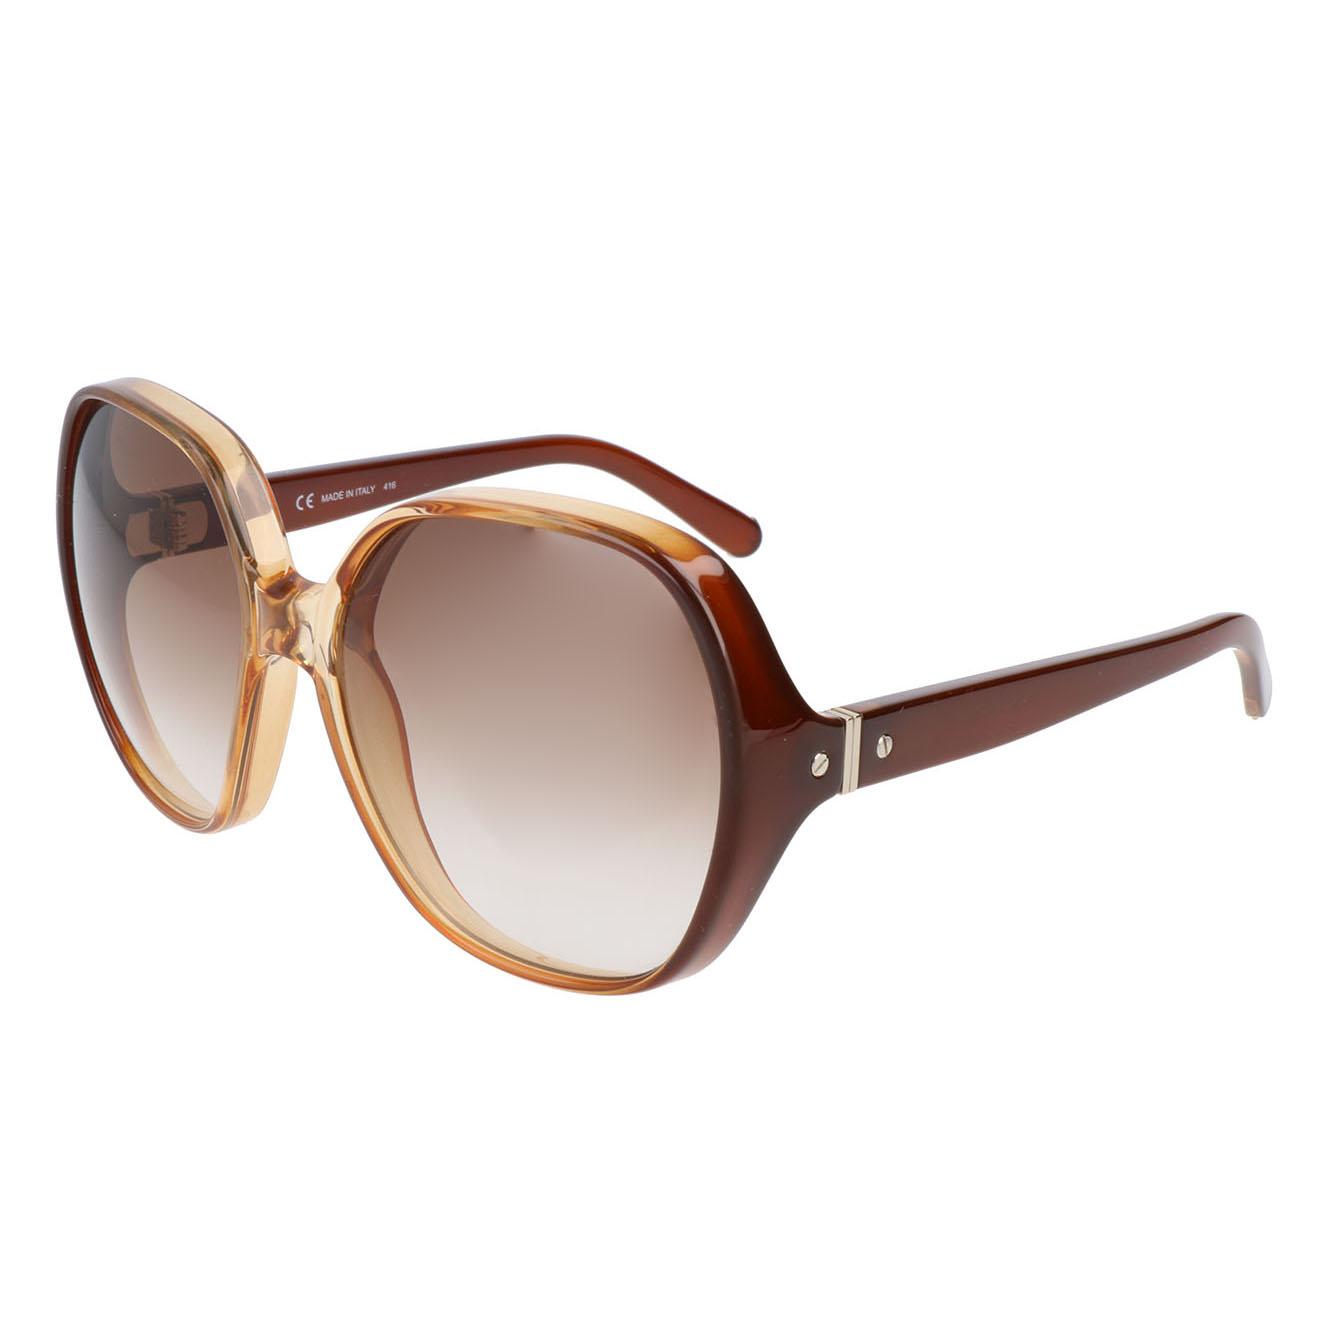 Chloé-femme-lunettes de soleil femme caramel-t.u